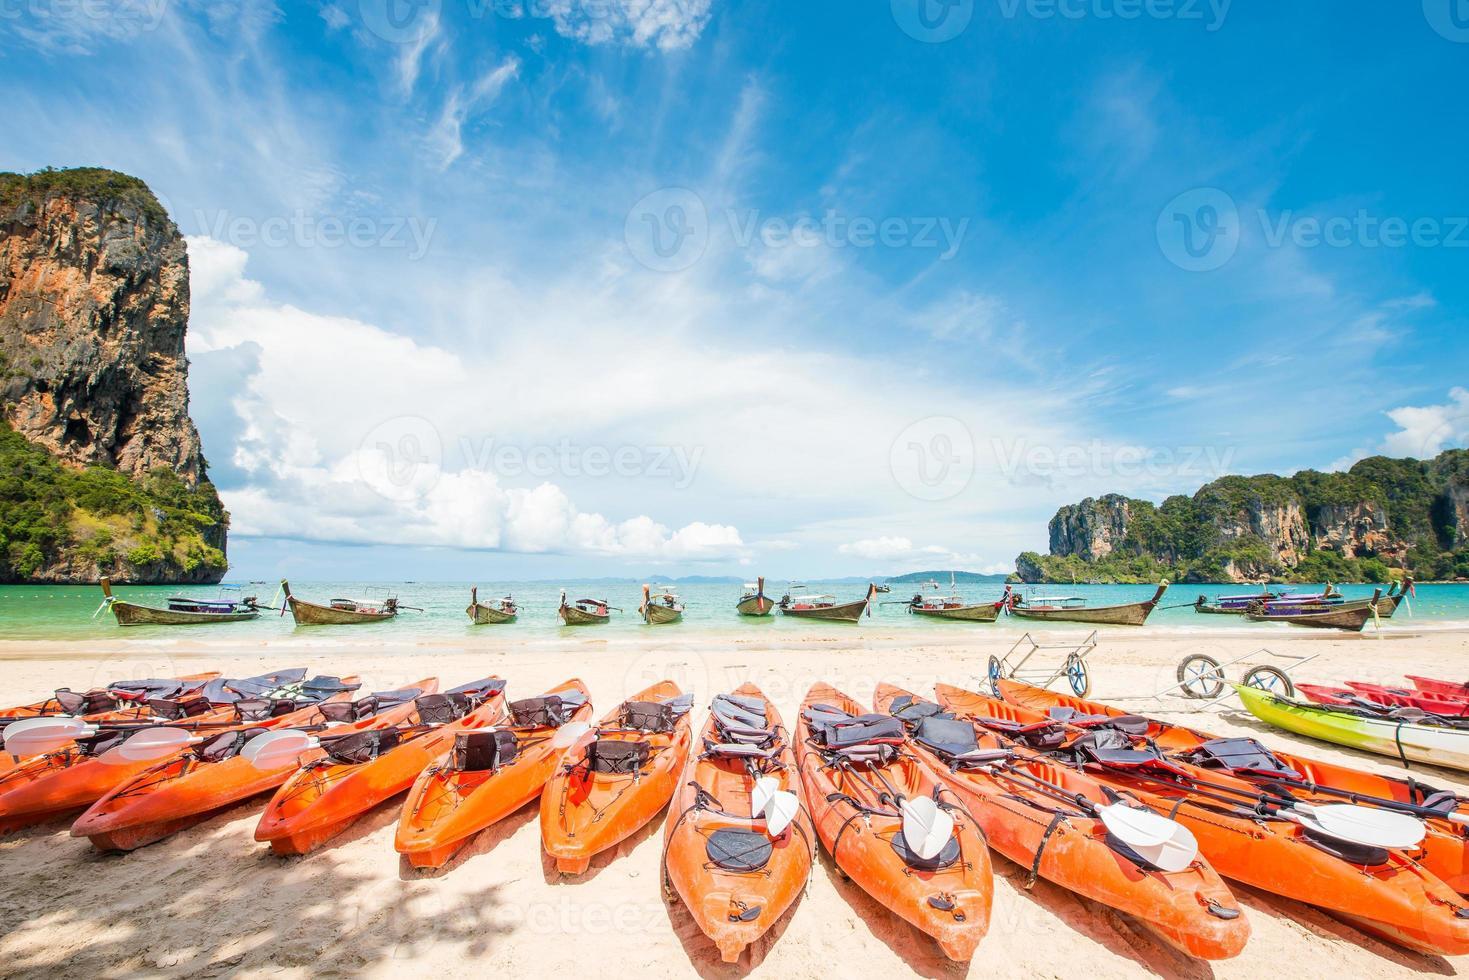 phuket james bond island phang nga foto